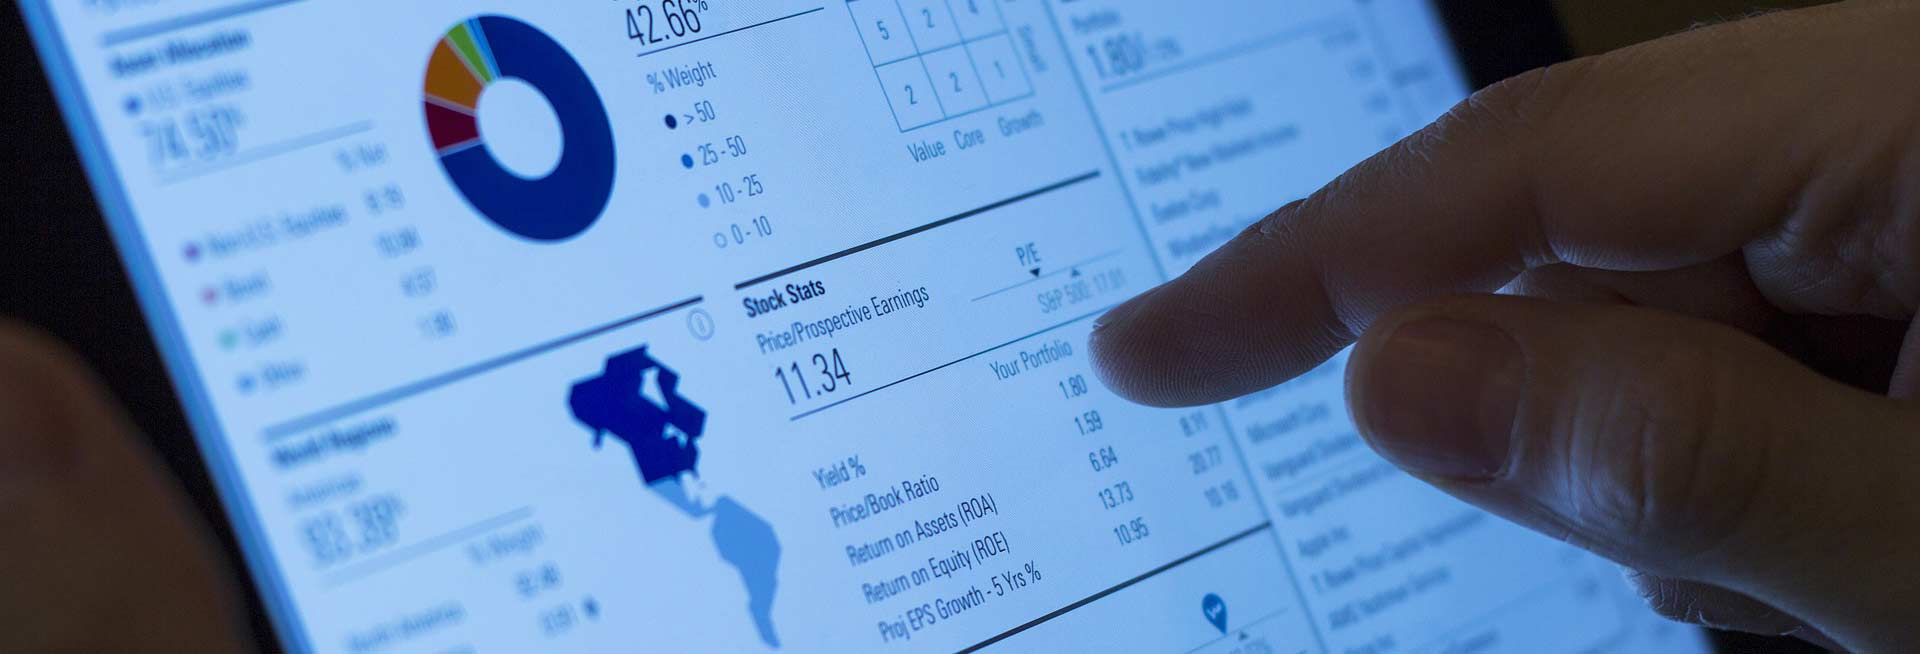 Incrementa los ingresos de tu hotel. Une tecnología con especialistas en distribución online